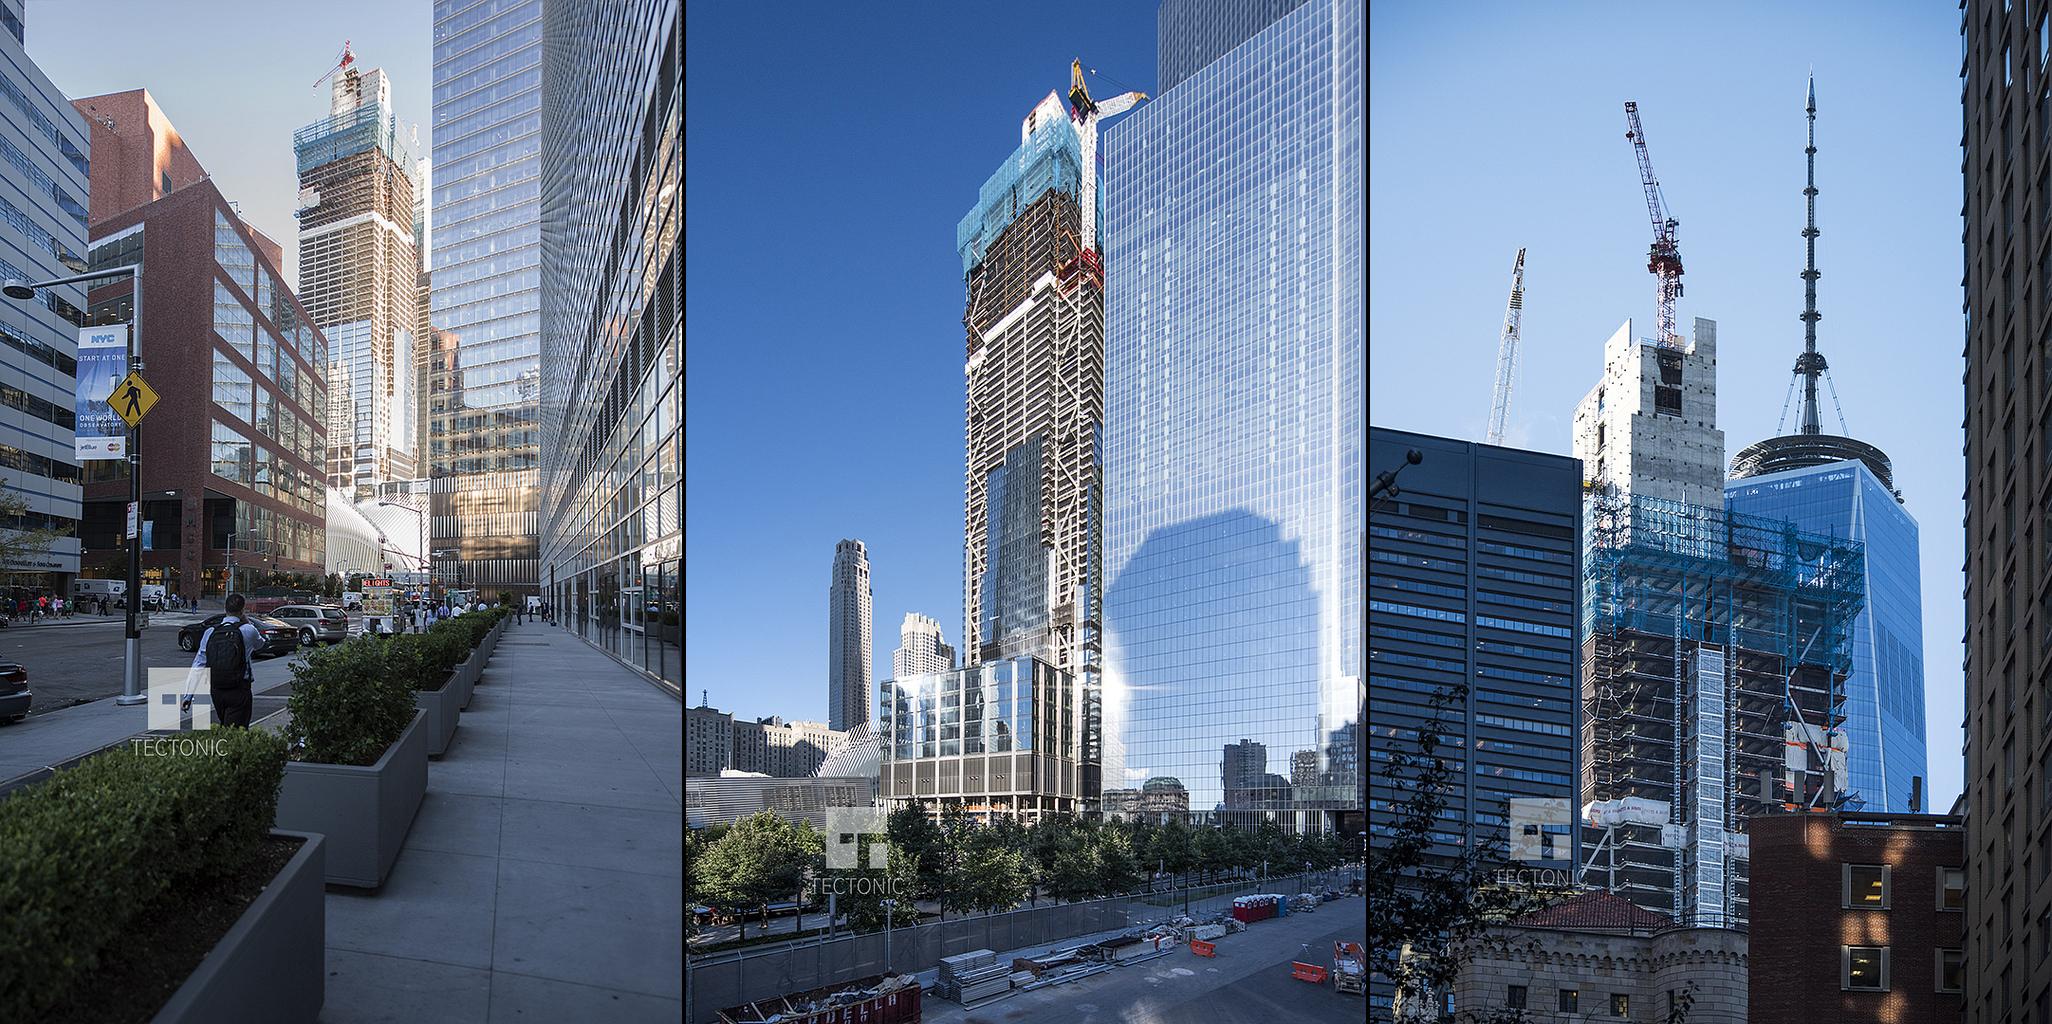 3 World Trade Center. Photos by Tectonic via YIMBY Forums